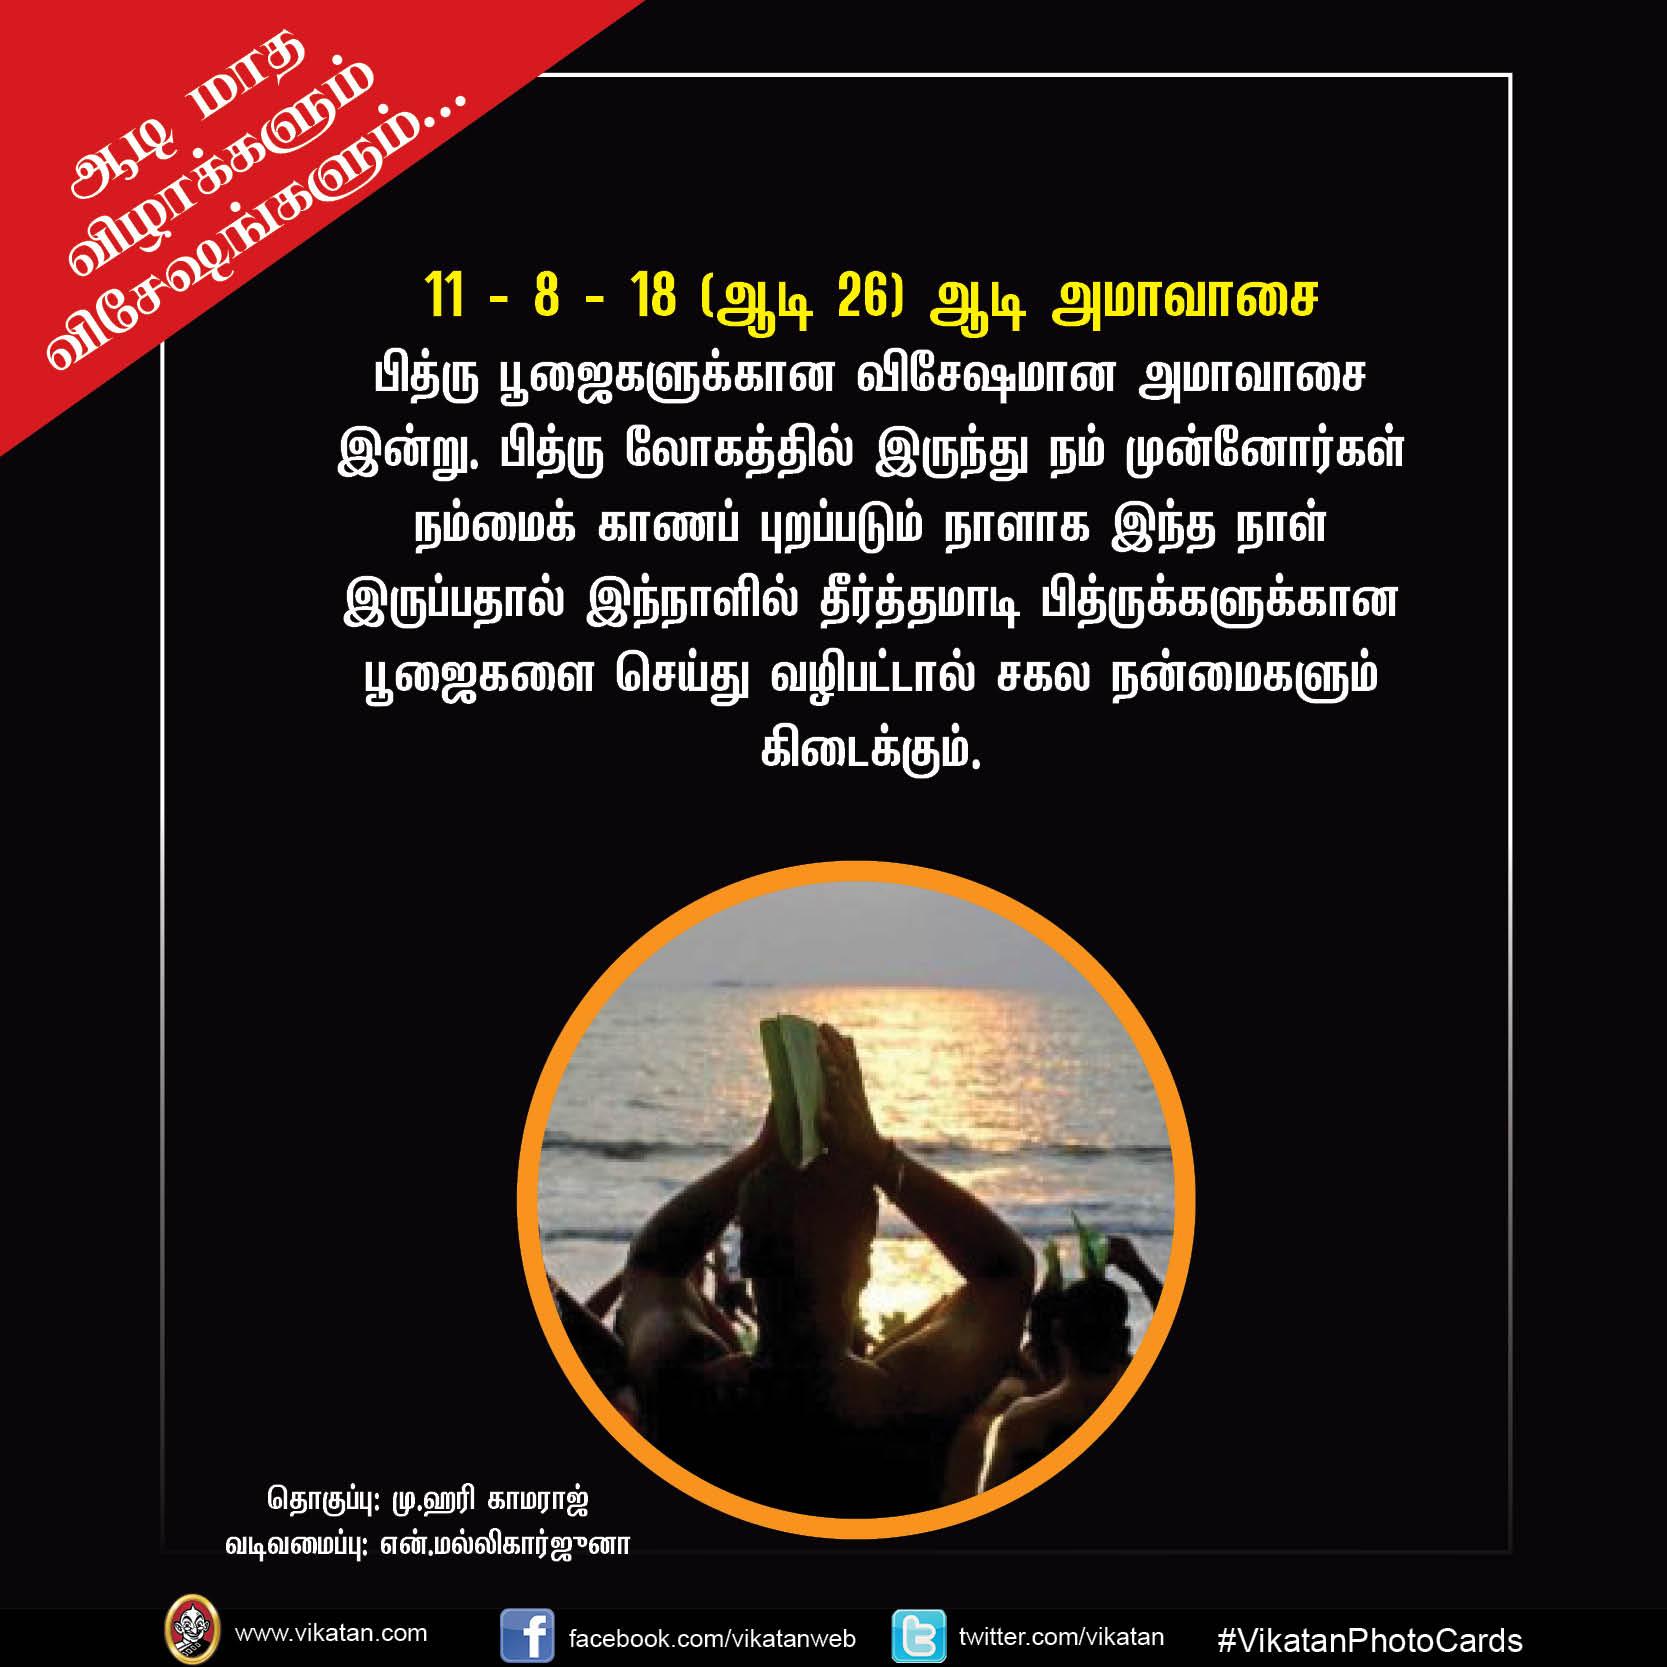 ஆஷாட நவராத்திரி, கோவர்த்தன விரதம், குமார சஷ்டி விரதம்... ஆடிமாத விழாக்களும் விசேஷசங்களும்! #VikatanPhotoCards